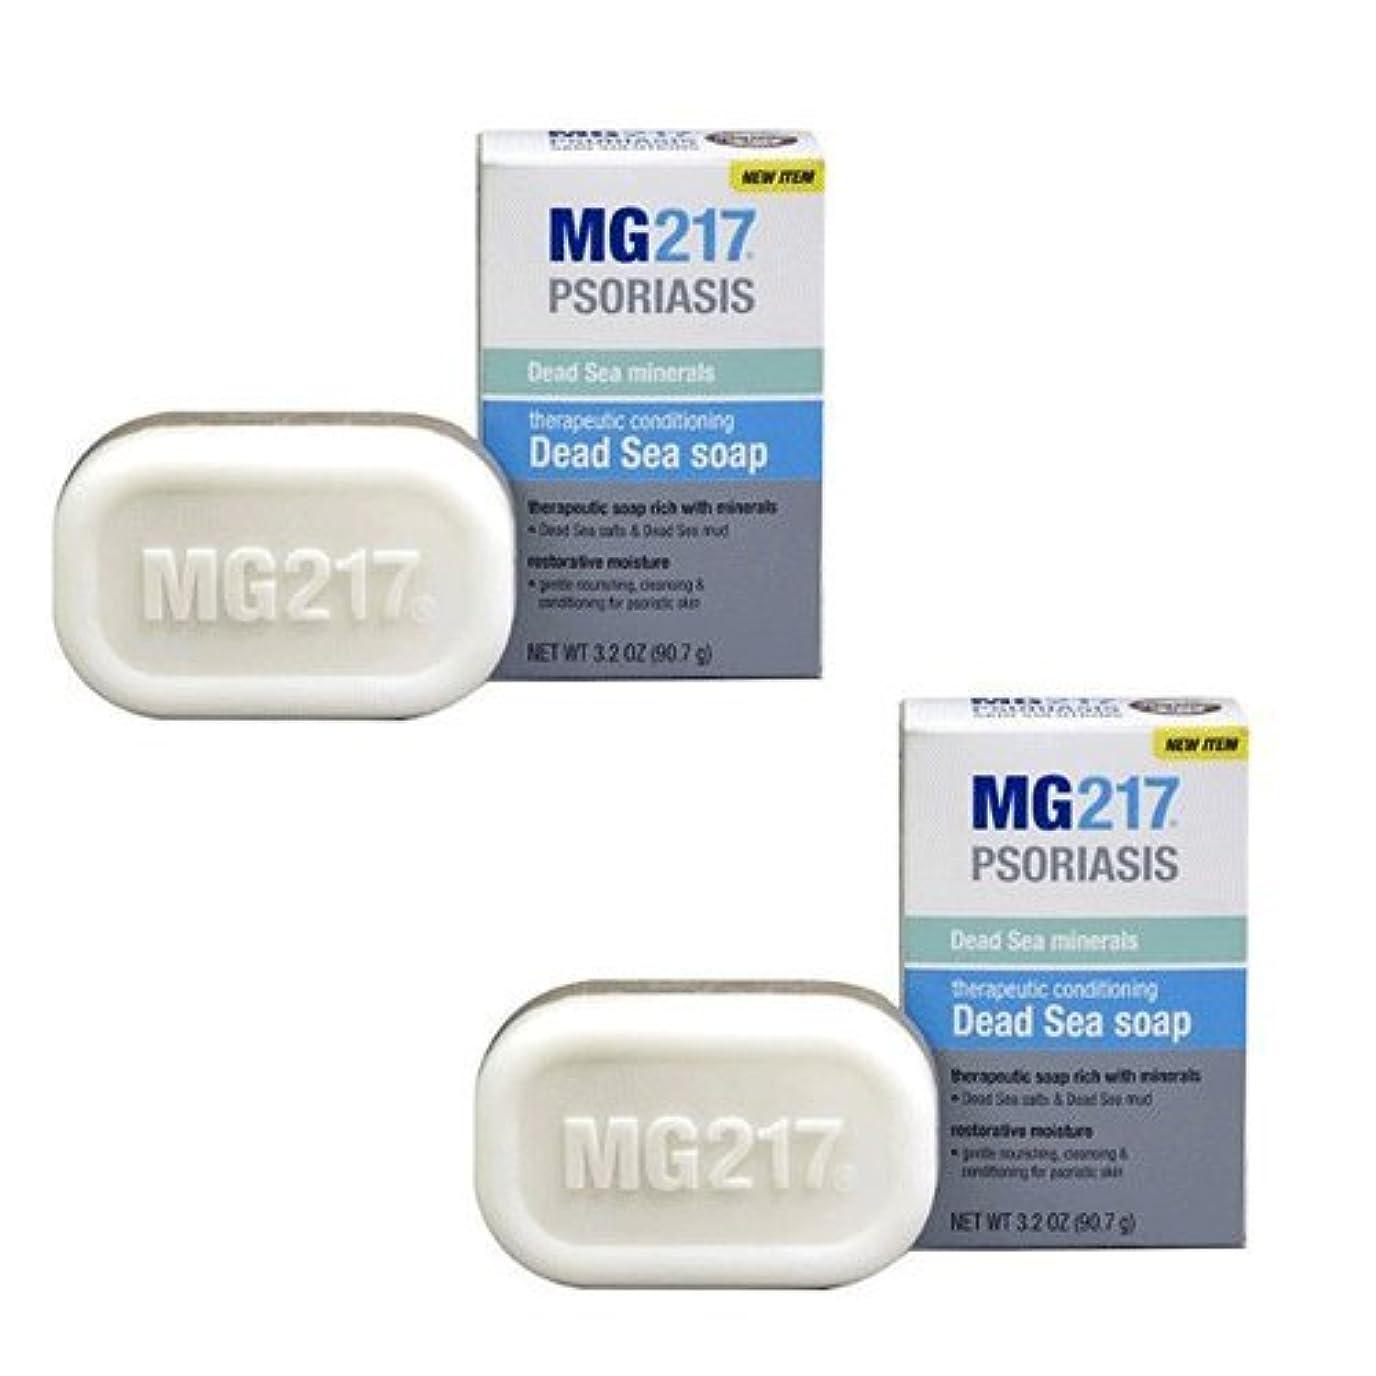 衝突測る論争の的2個セット 死海の泥とミネラルたっぷり MG217ソープ 90g MG217 Psoriasis Therapeutic Conditioning Dead Sea Bar Soap